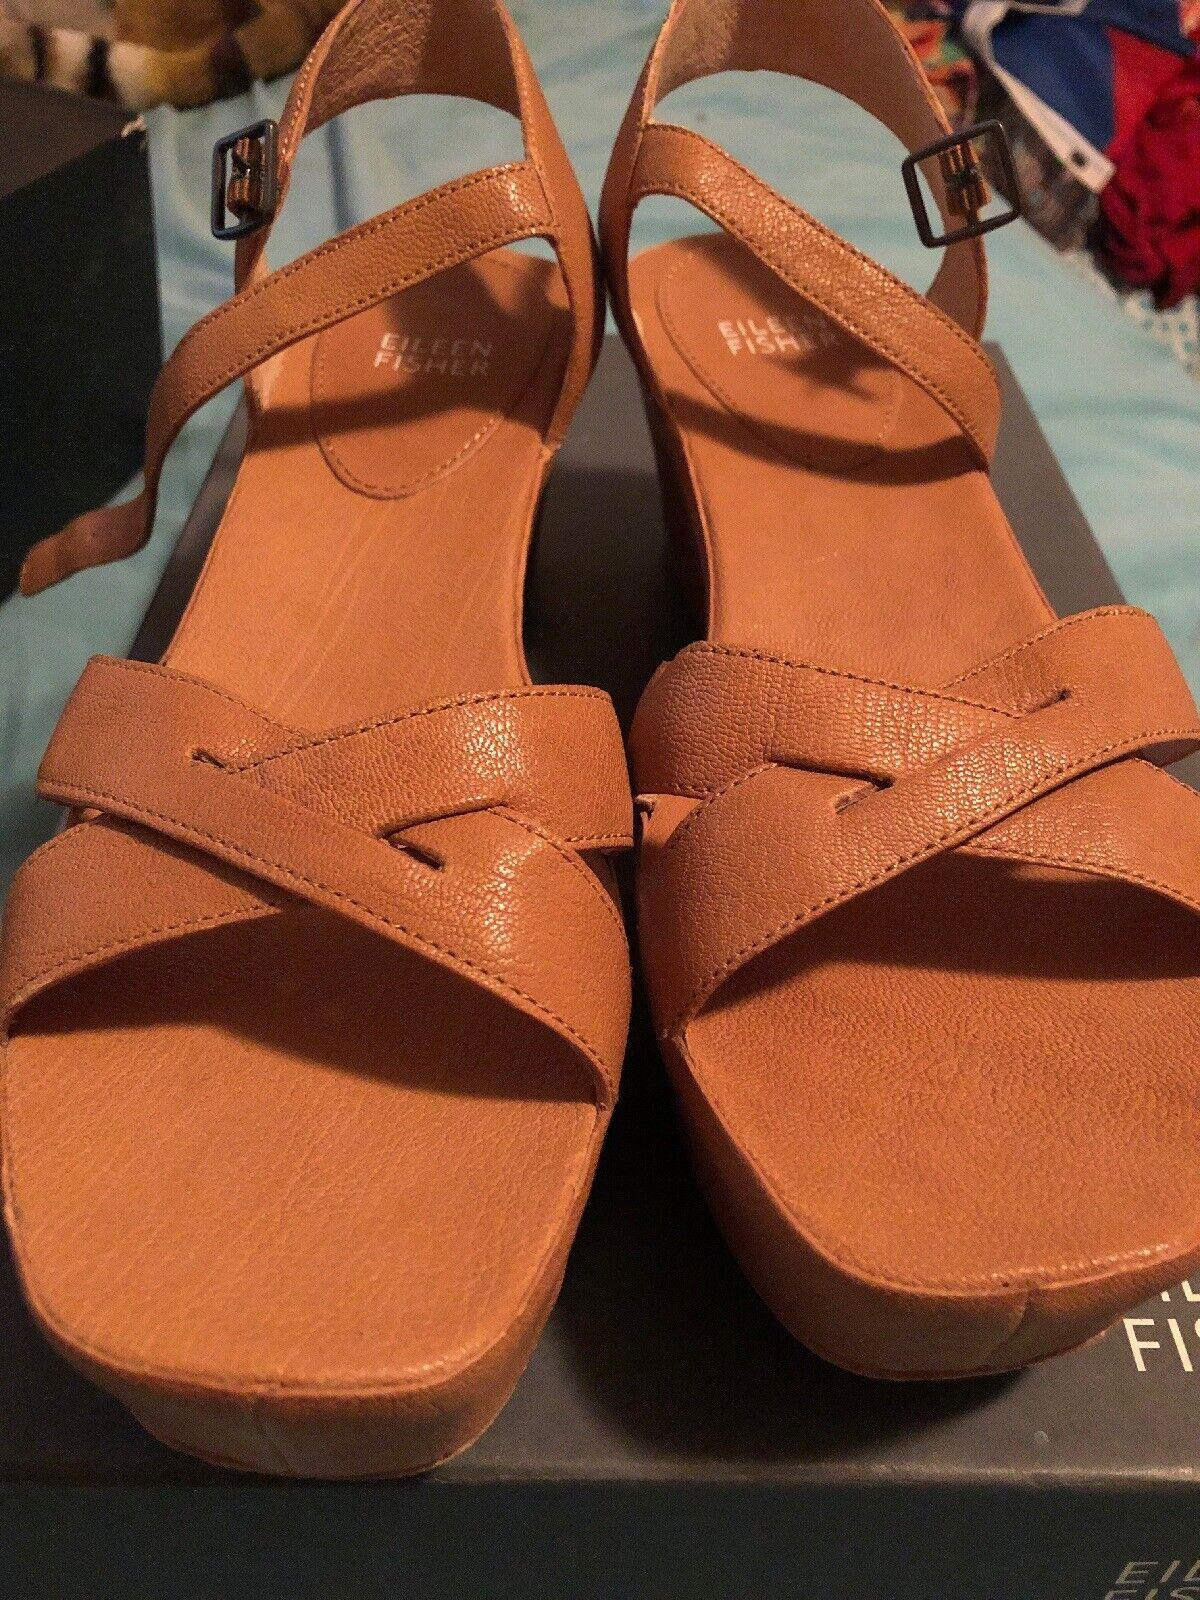 Eileen Fisher 8.5 8.5 8.5 skor  få det senaste